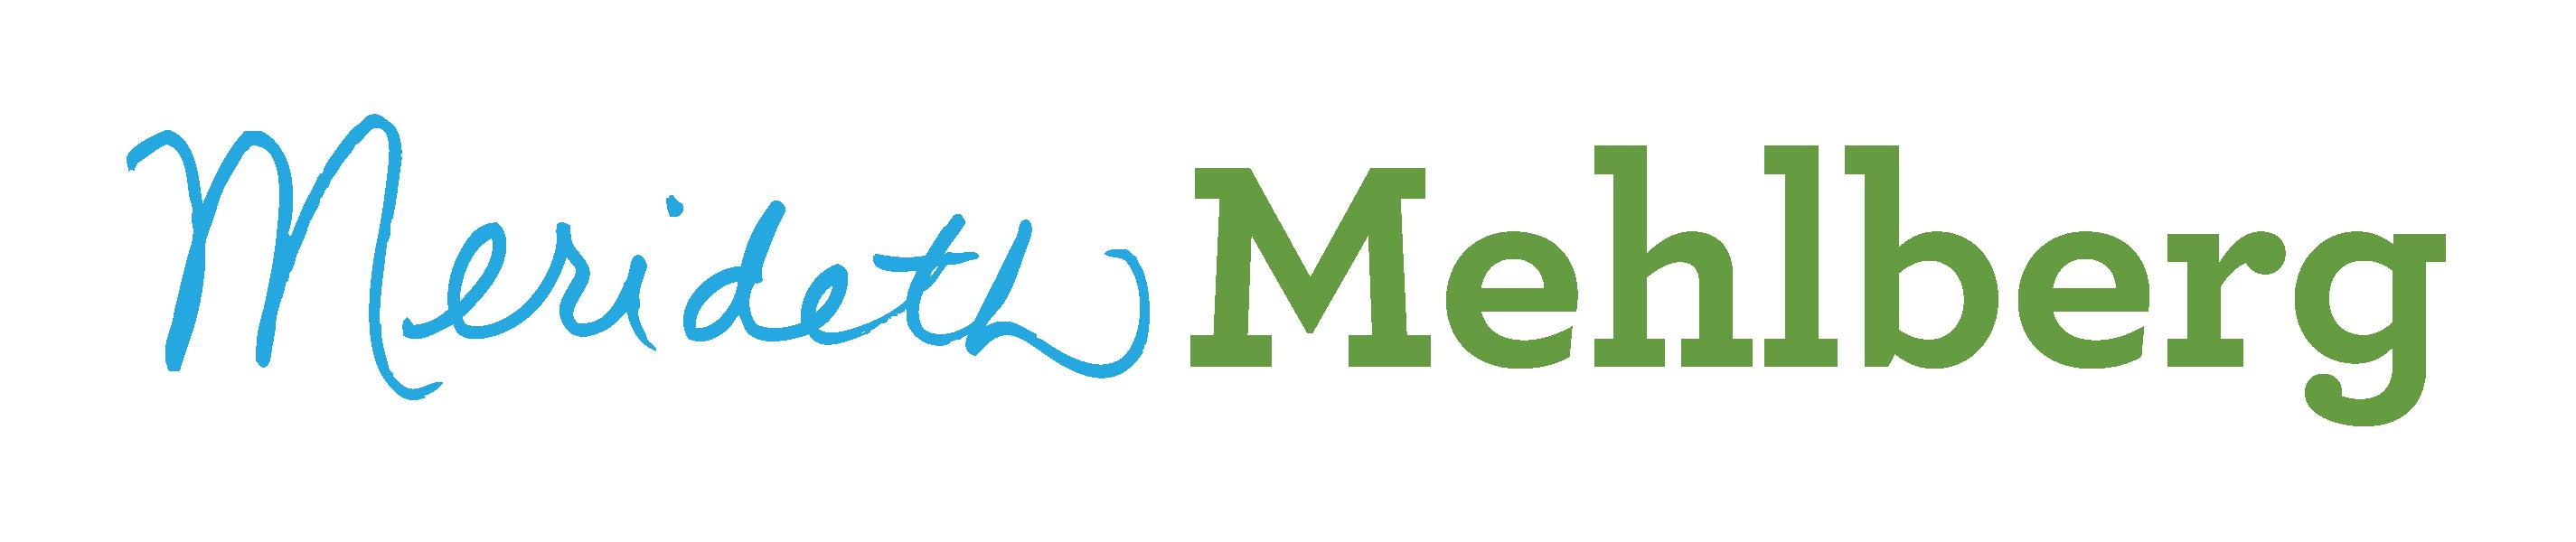 Merideth Mehlberg International